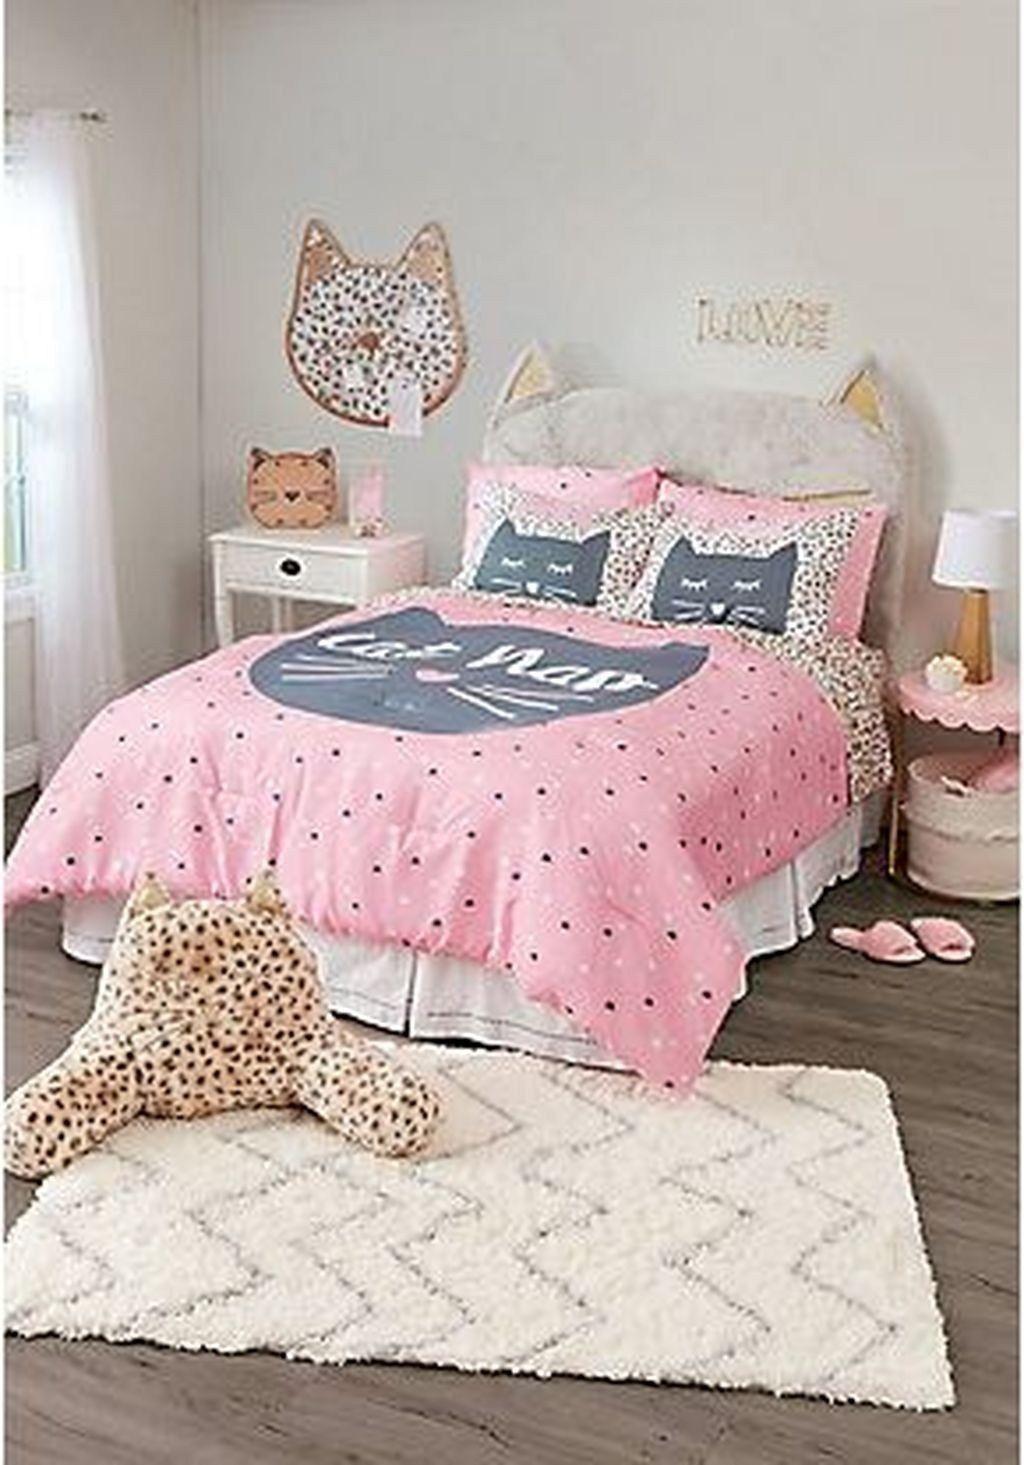 Impressive Tween Girl Bedroom Decorating Ideas 27 Girl Bedroom Decor Shared Girls Bedroom Tween Girl Bedroom